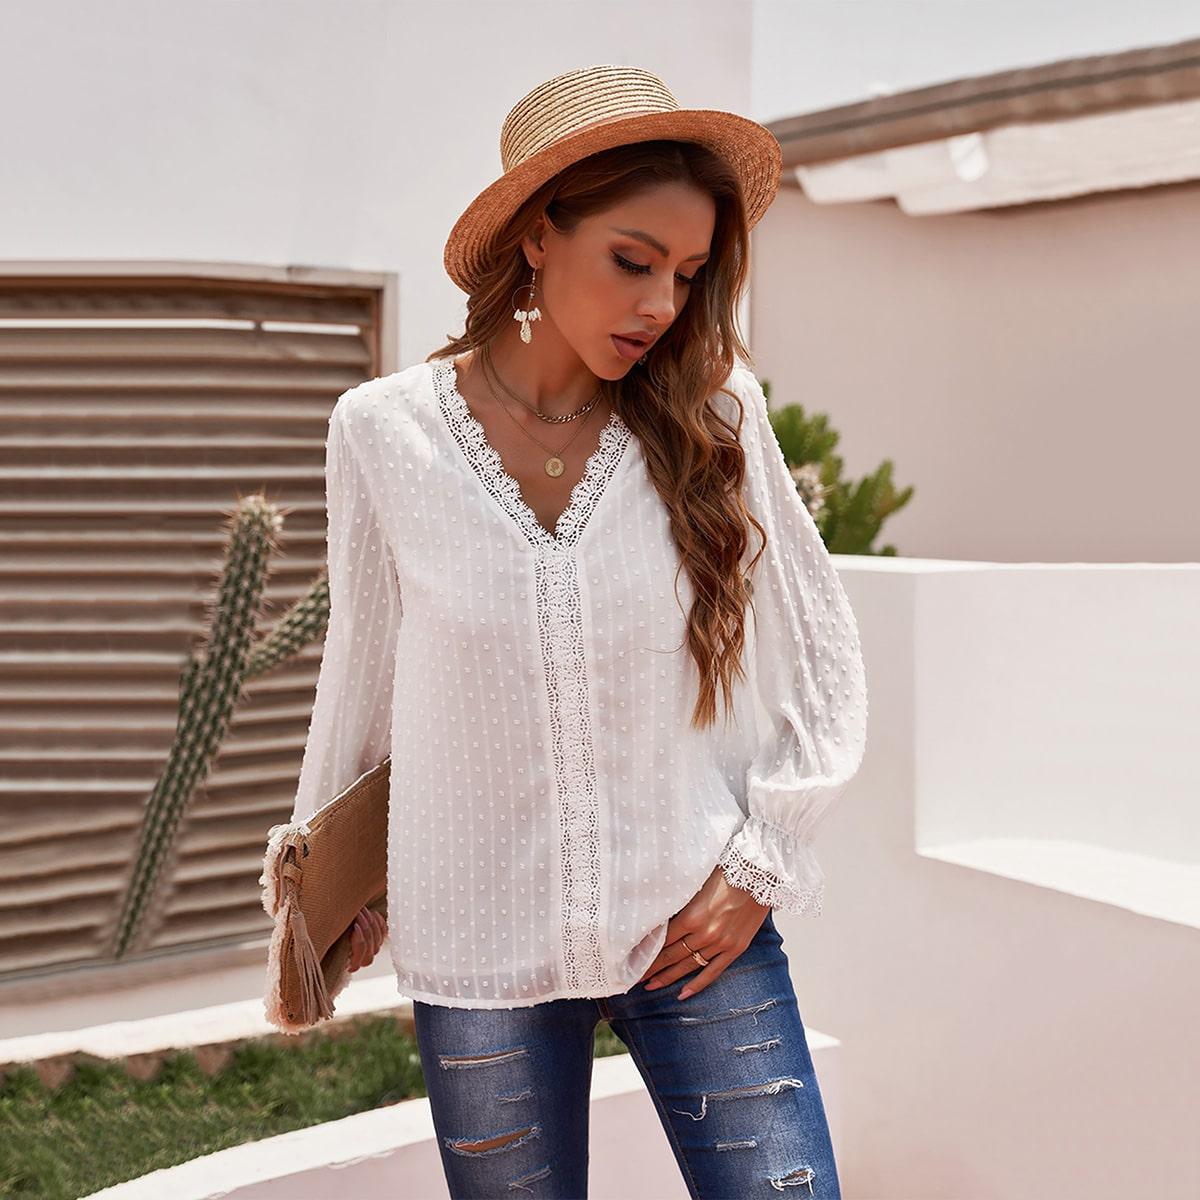 Блуза с кружевной отделкой в горошек с рукавами-воланами SheIn swblouse23210615663